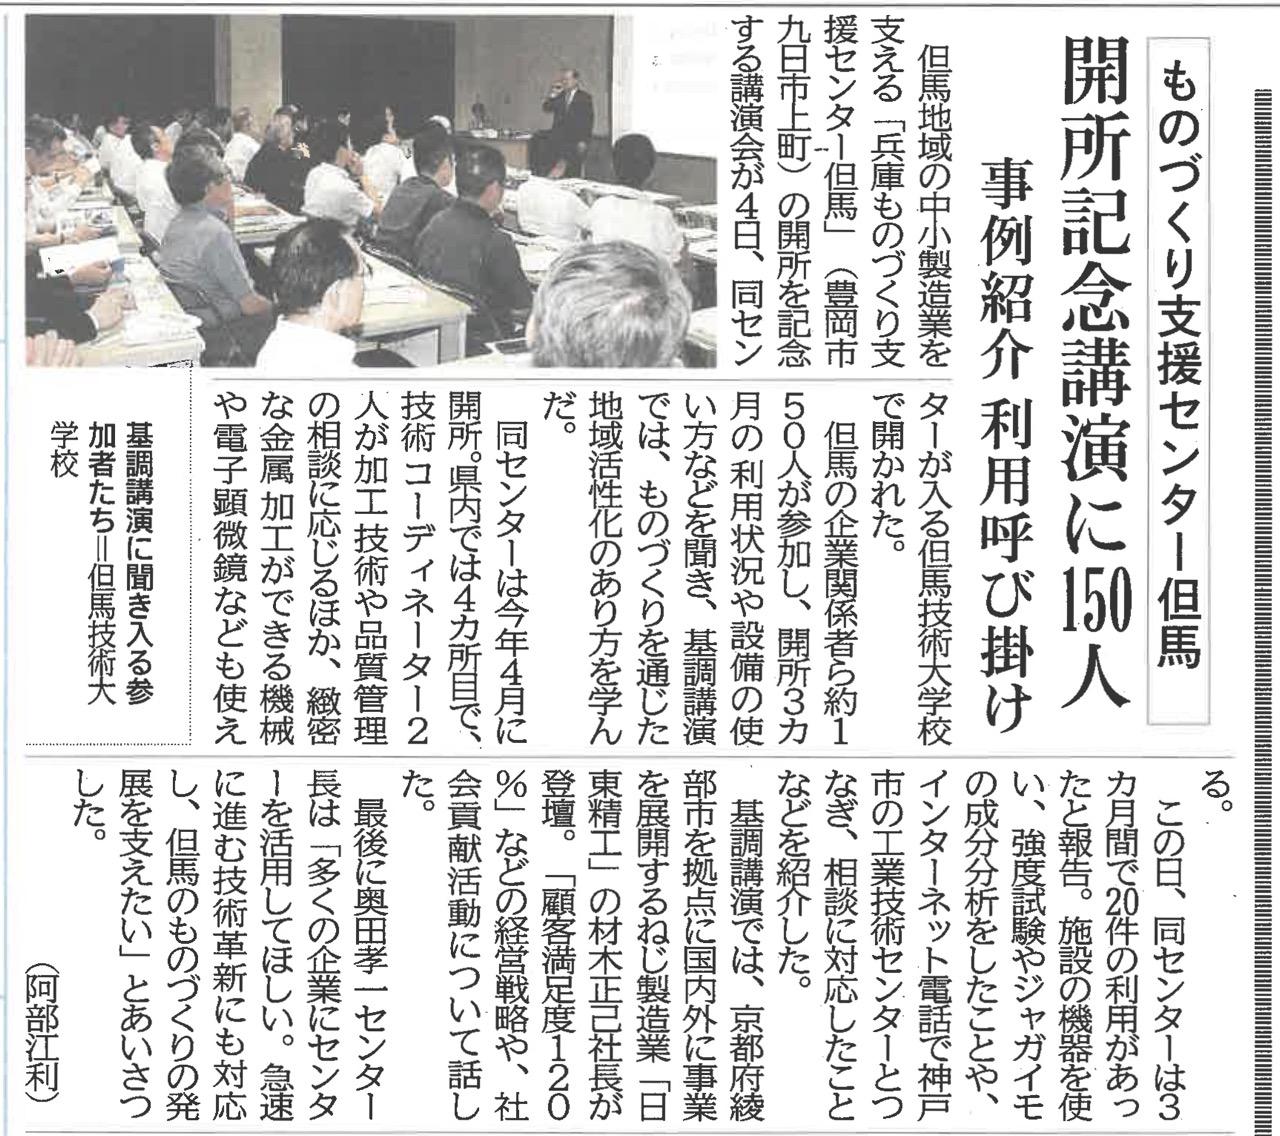 神戸新聞記事 ものセン但馬開設記念イベント